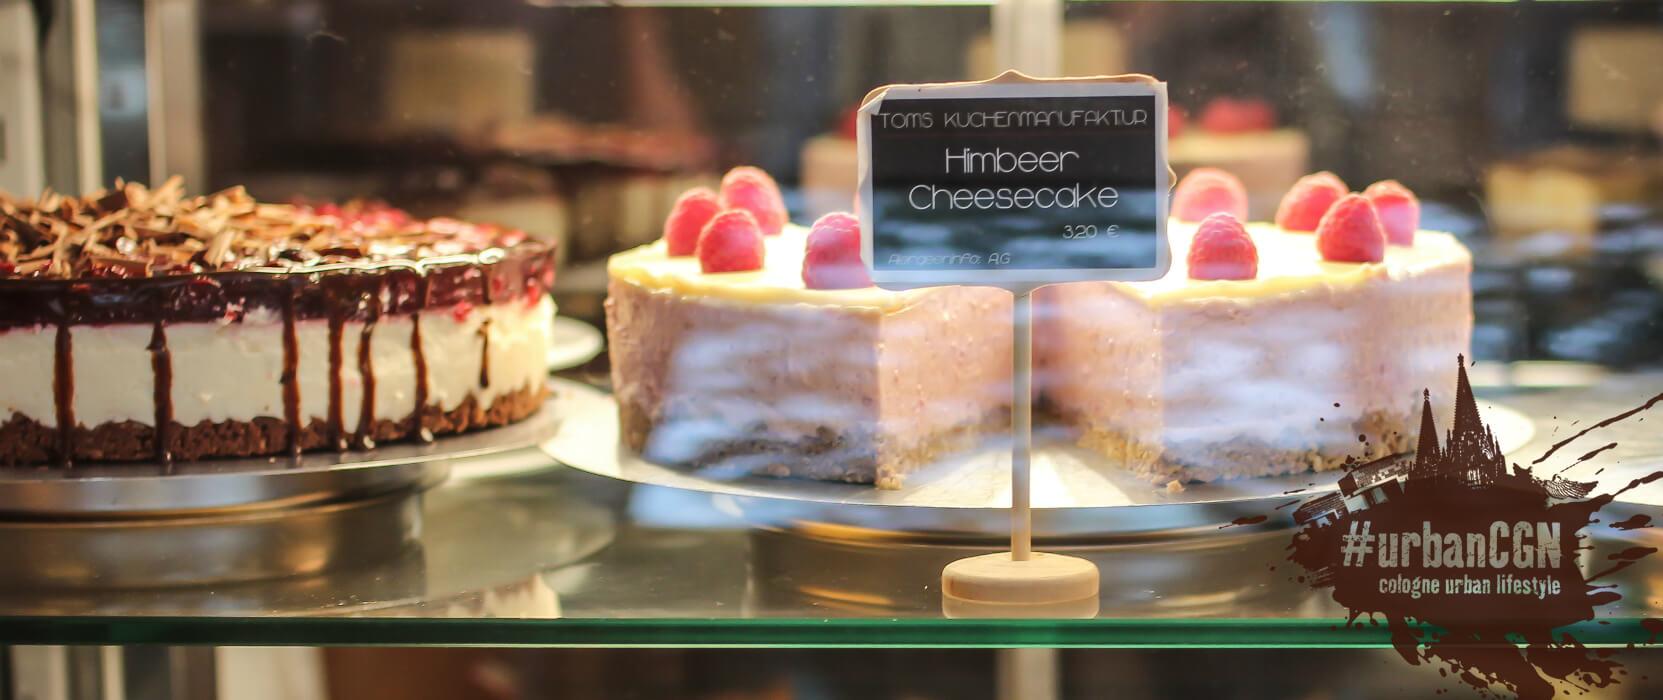 Kaffee und Kuchen in Köln, Wo ist Tom?